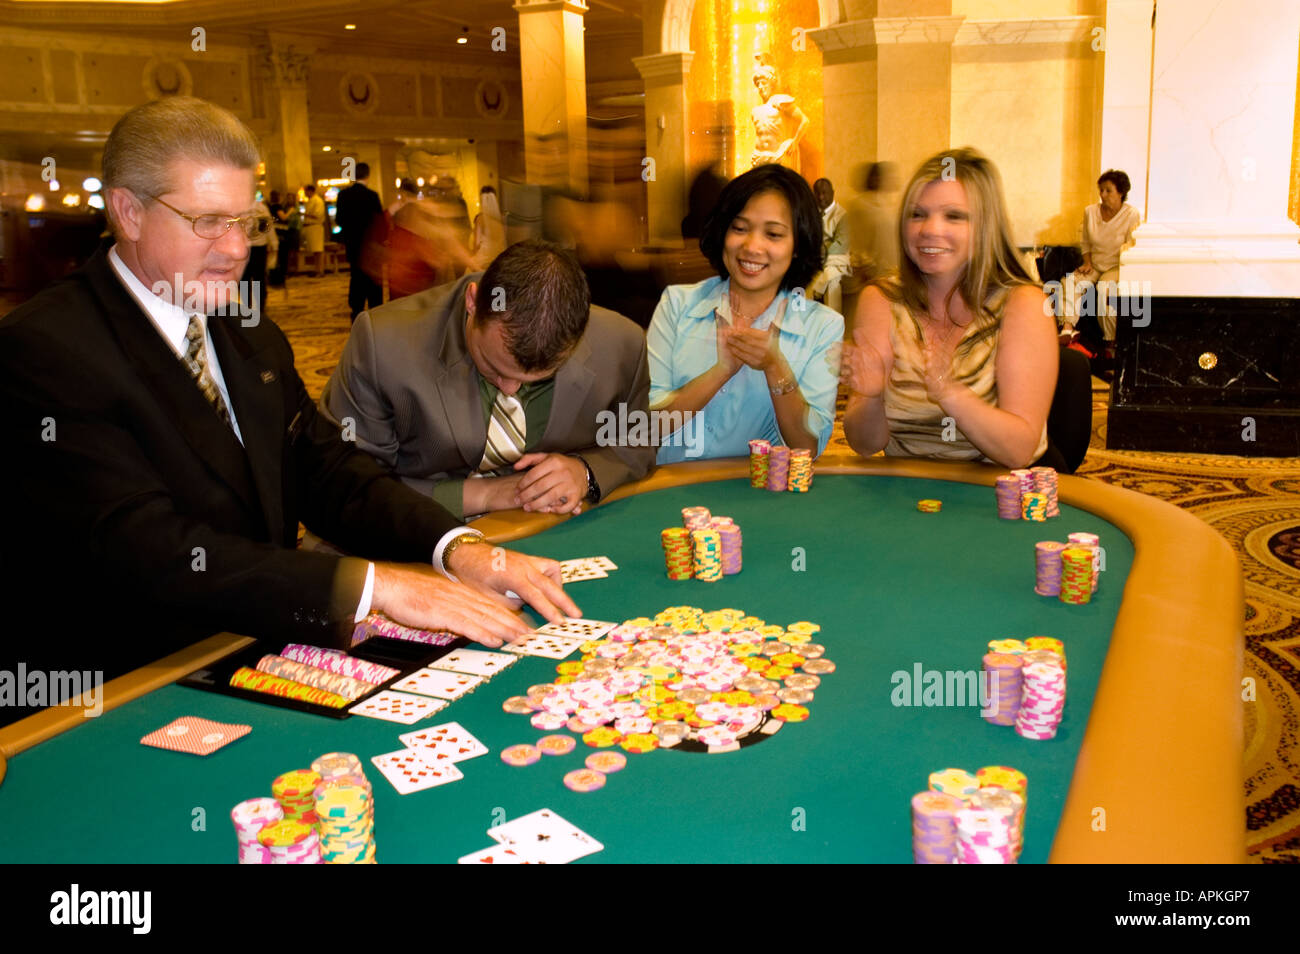 Nevada Caesars Palace and Casino gaming gambling poker - Stock Image